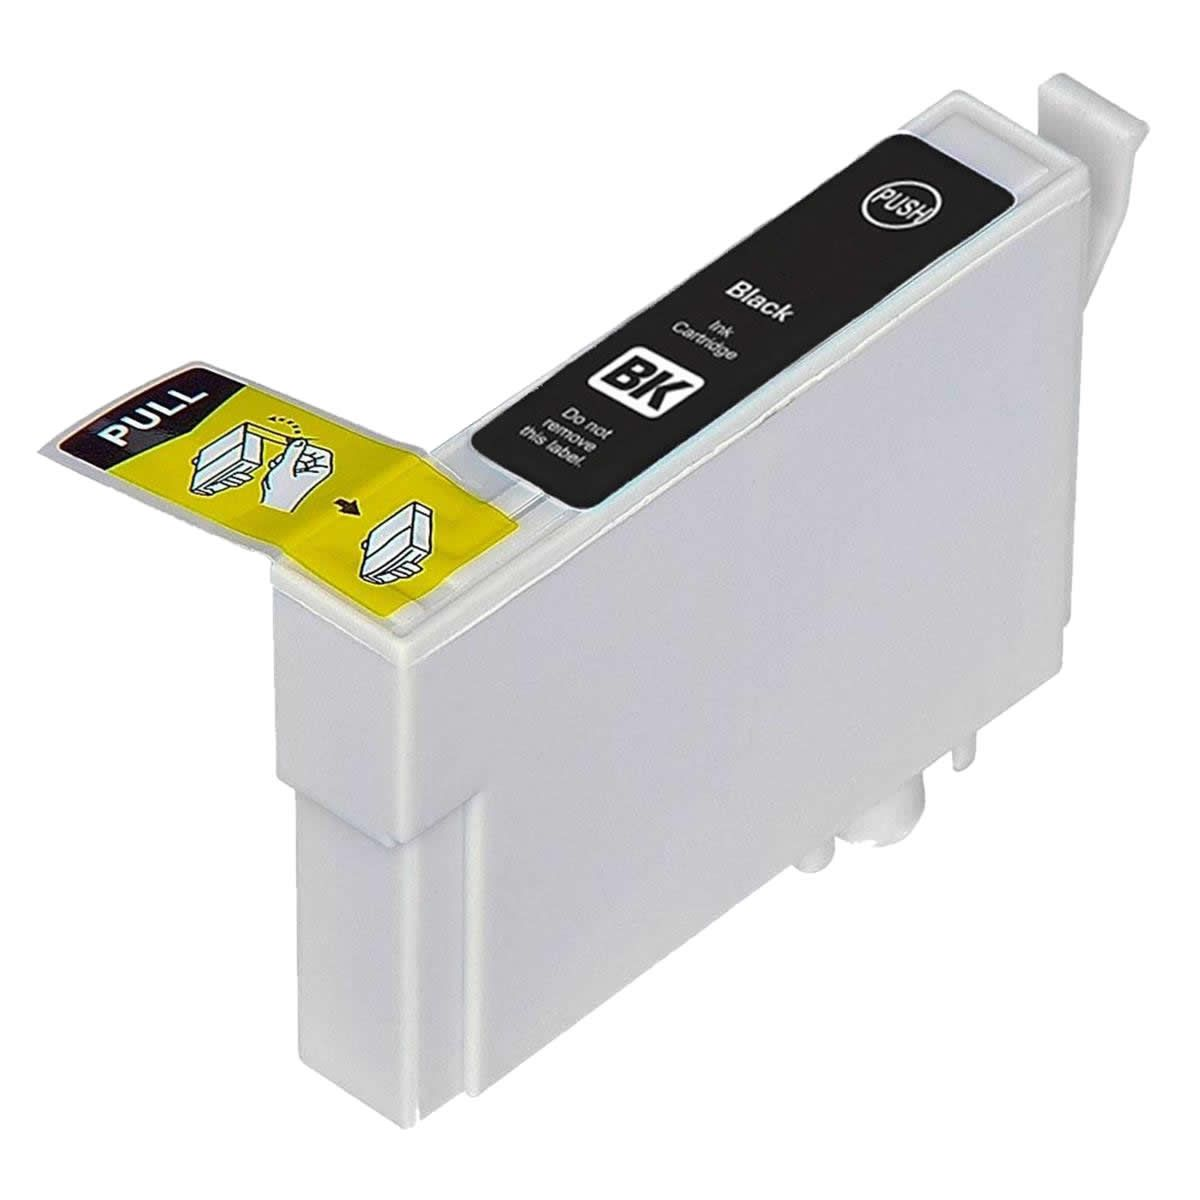 Cartucho MJ Compatível TO481 Preto para R200 R220 R300 R320 R340